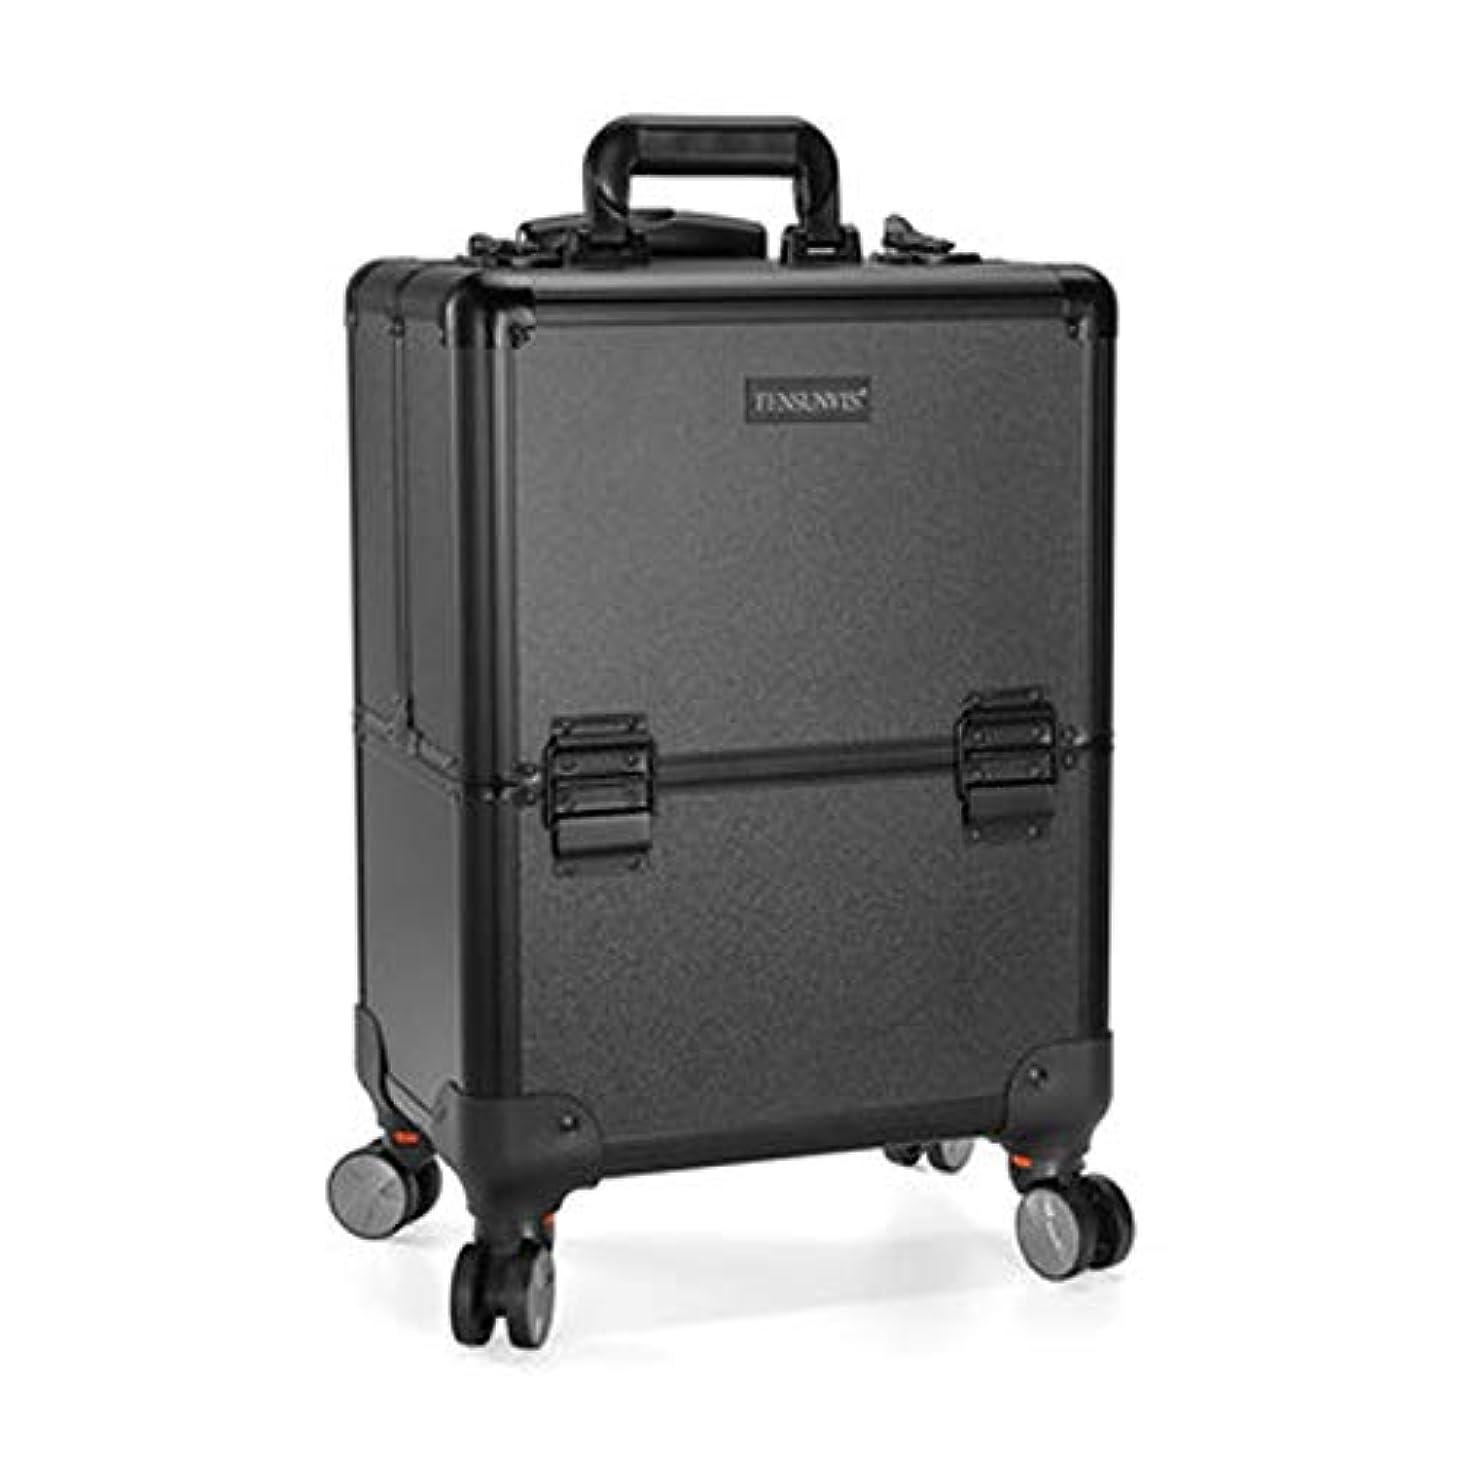 支払い悲観主義者ラフトプロ専用 美容師 クローゼット スーツケース メイクボックス キャリーバッグ ヘアメイク プロ 大容量 軽量 高品質 多機能 I-TT-317T-B